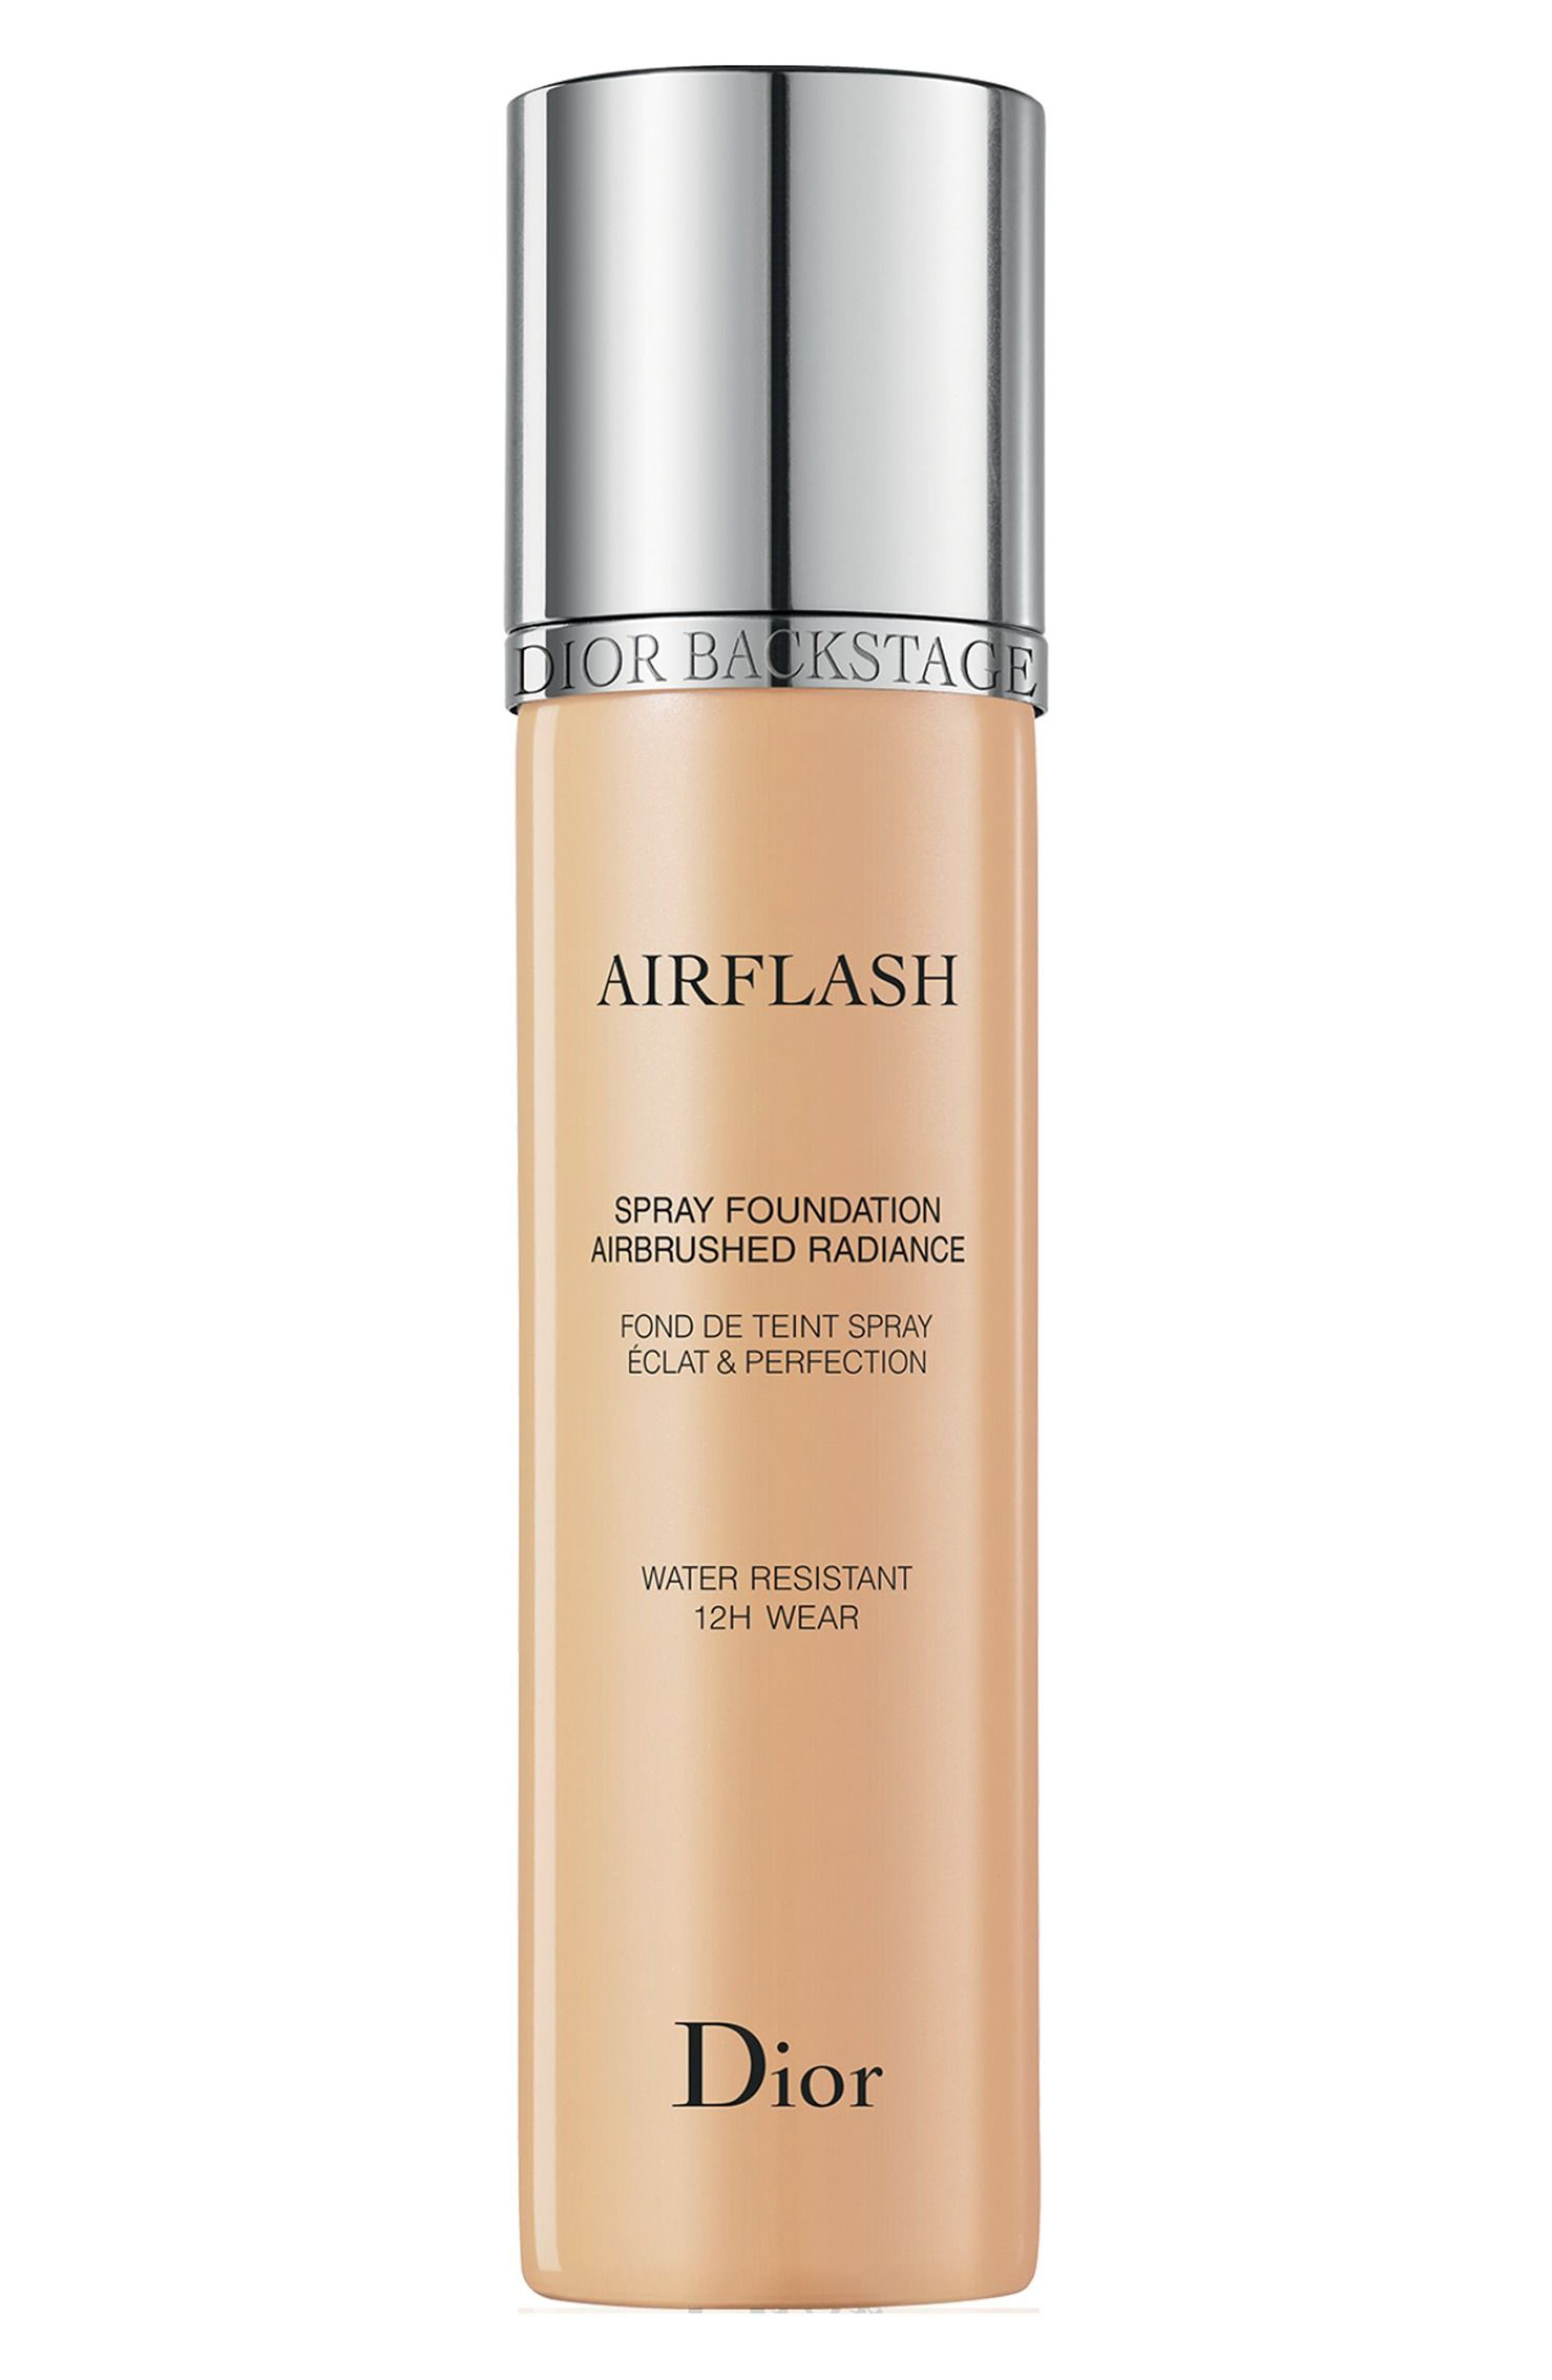 Dior Diorskin Airflash Spray Foundation - 201 Linen